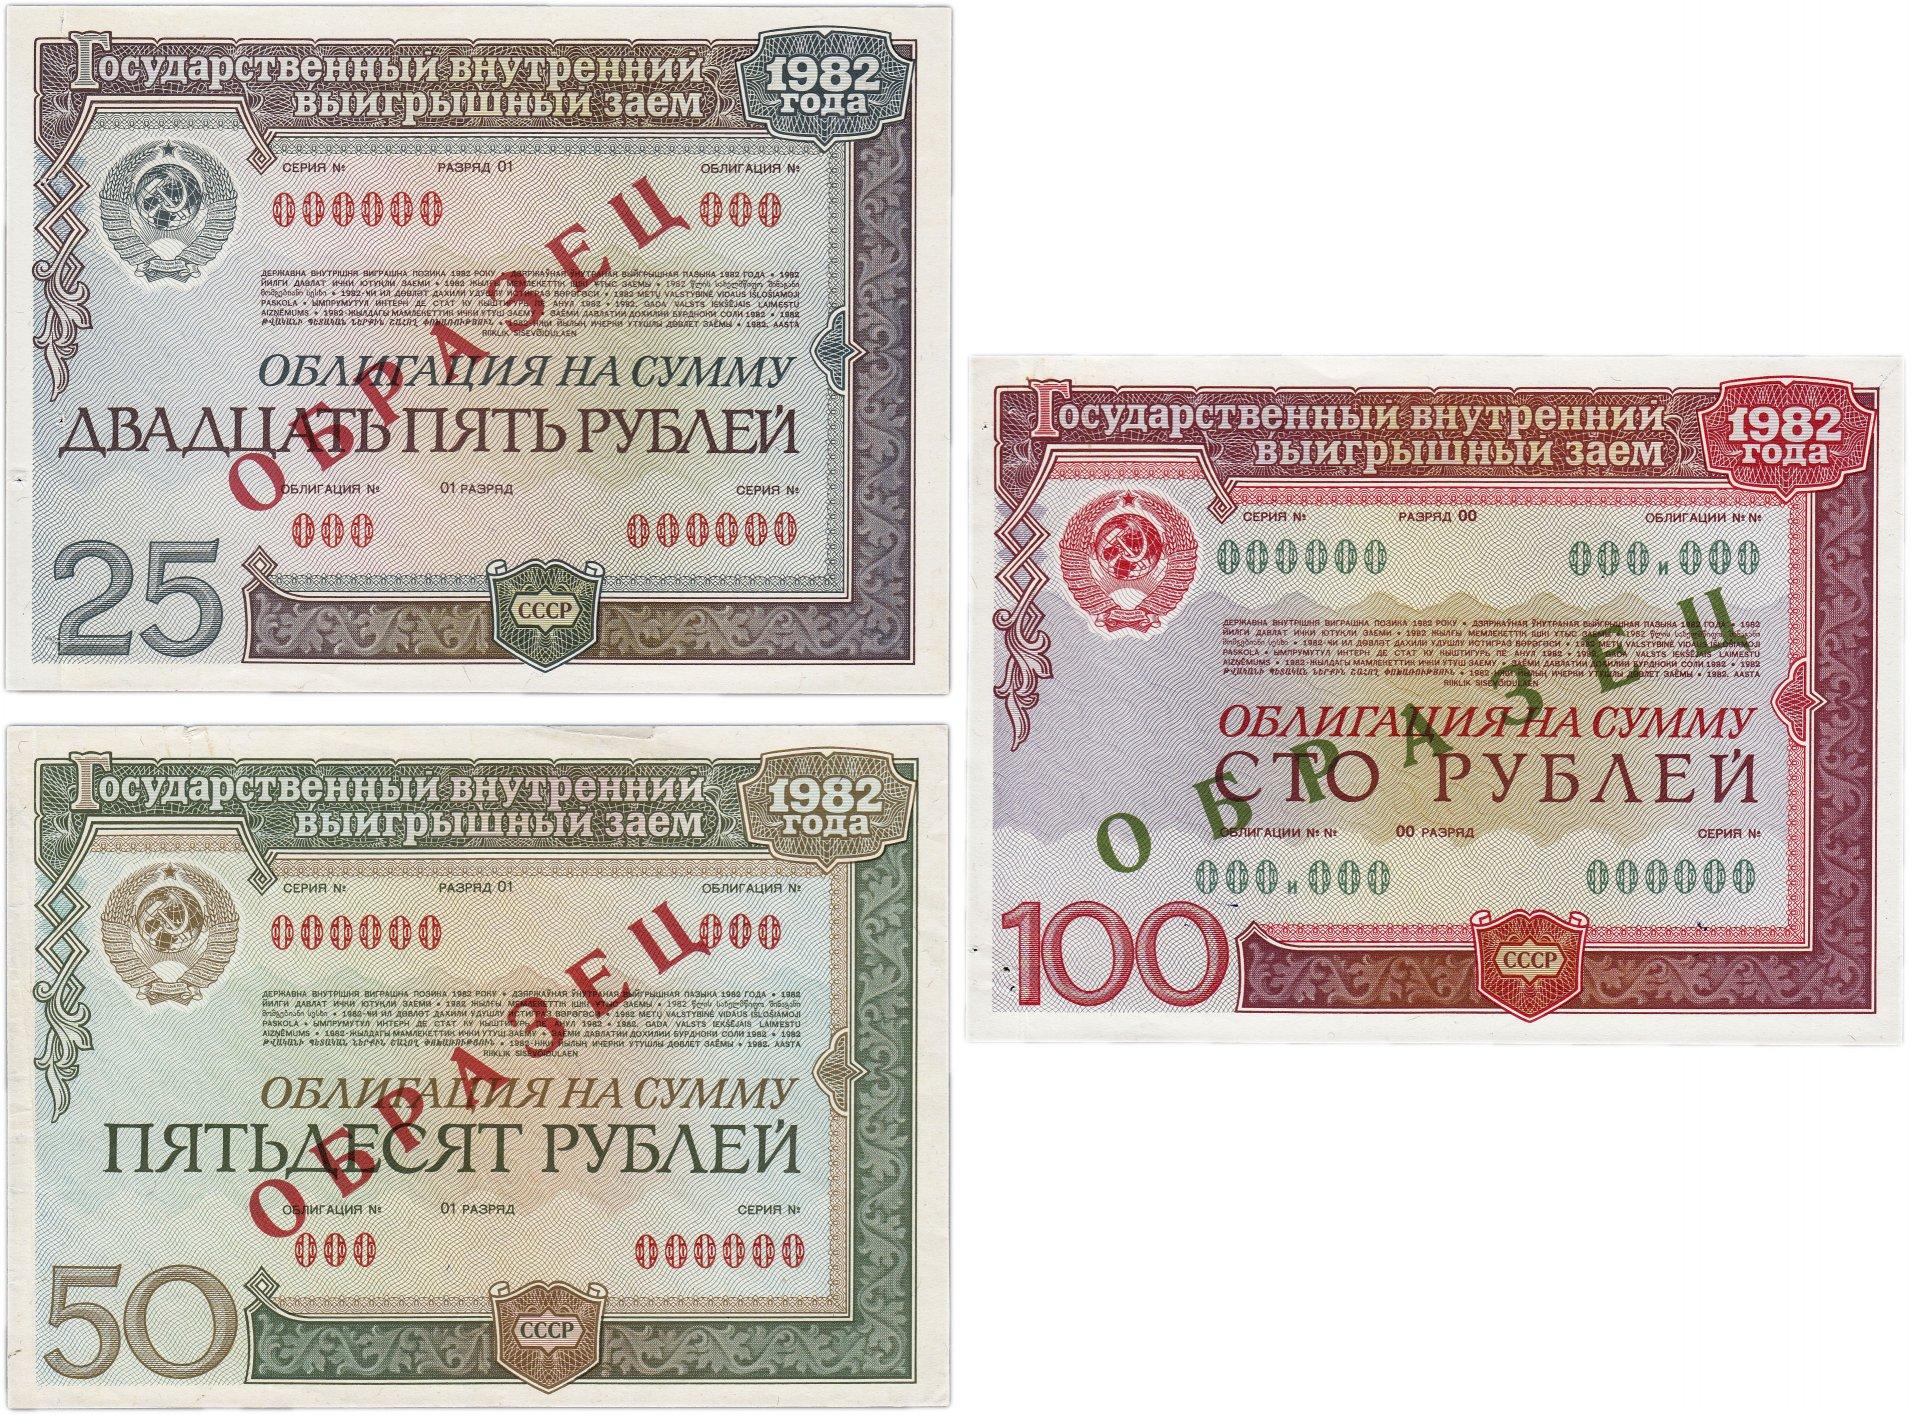 государственный внутренний выигрышный заем 1982 года невыплаченный кредит срок давности россия